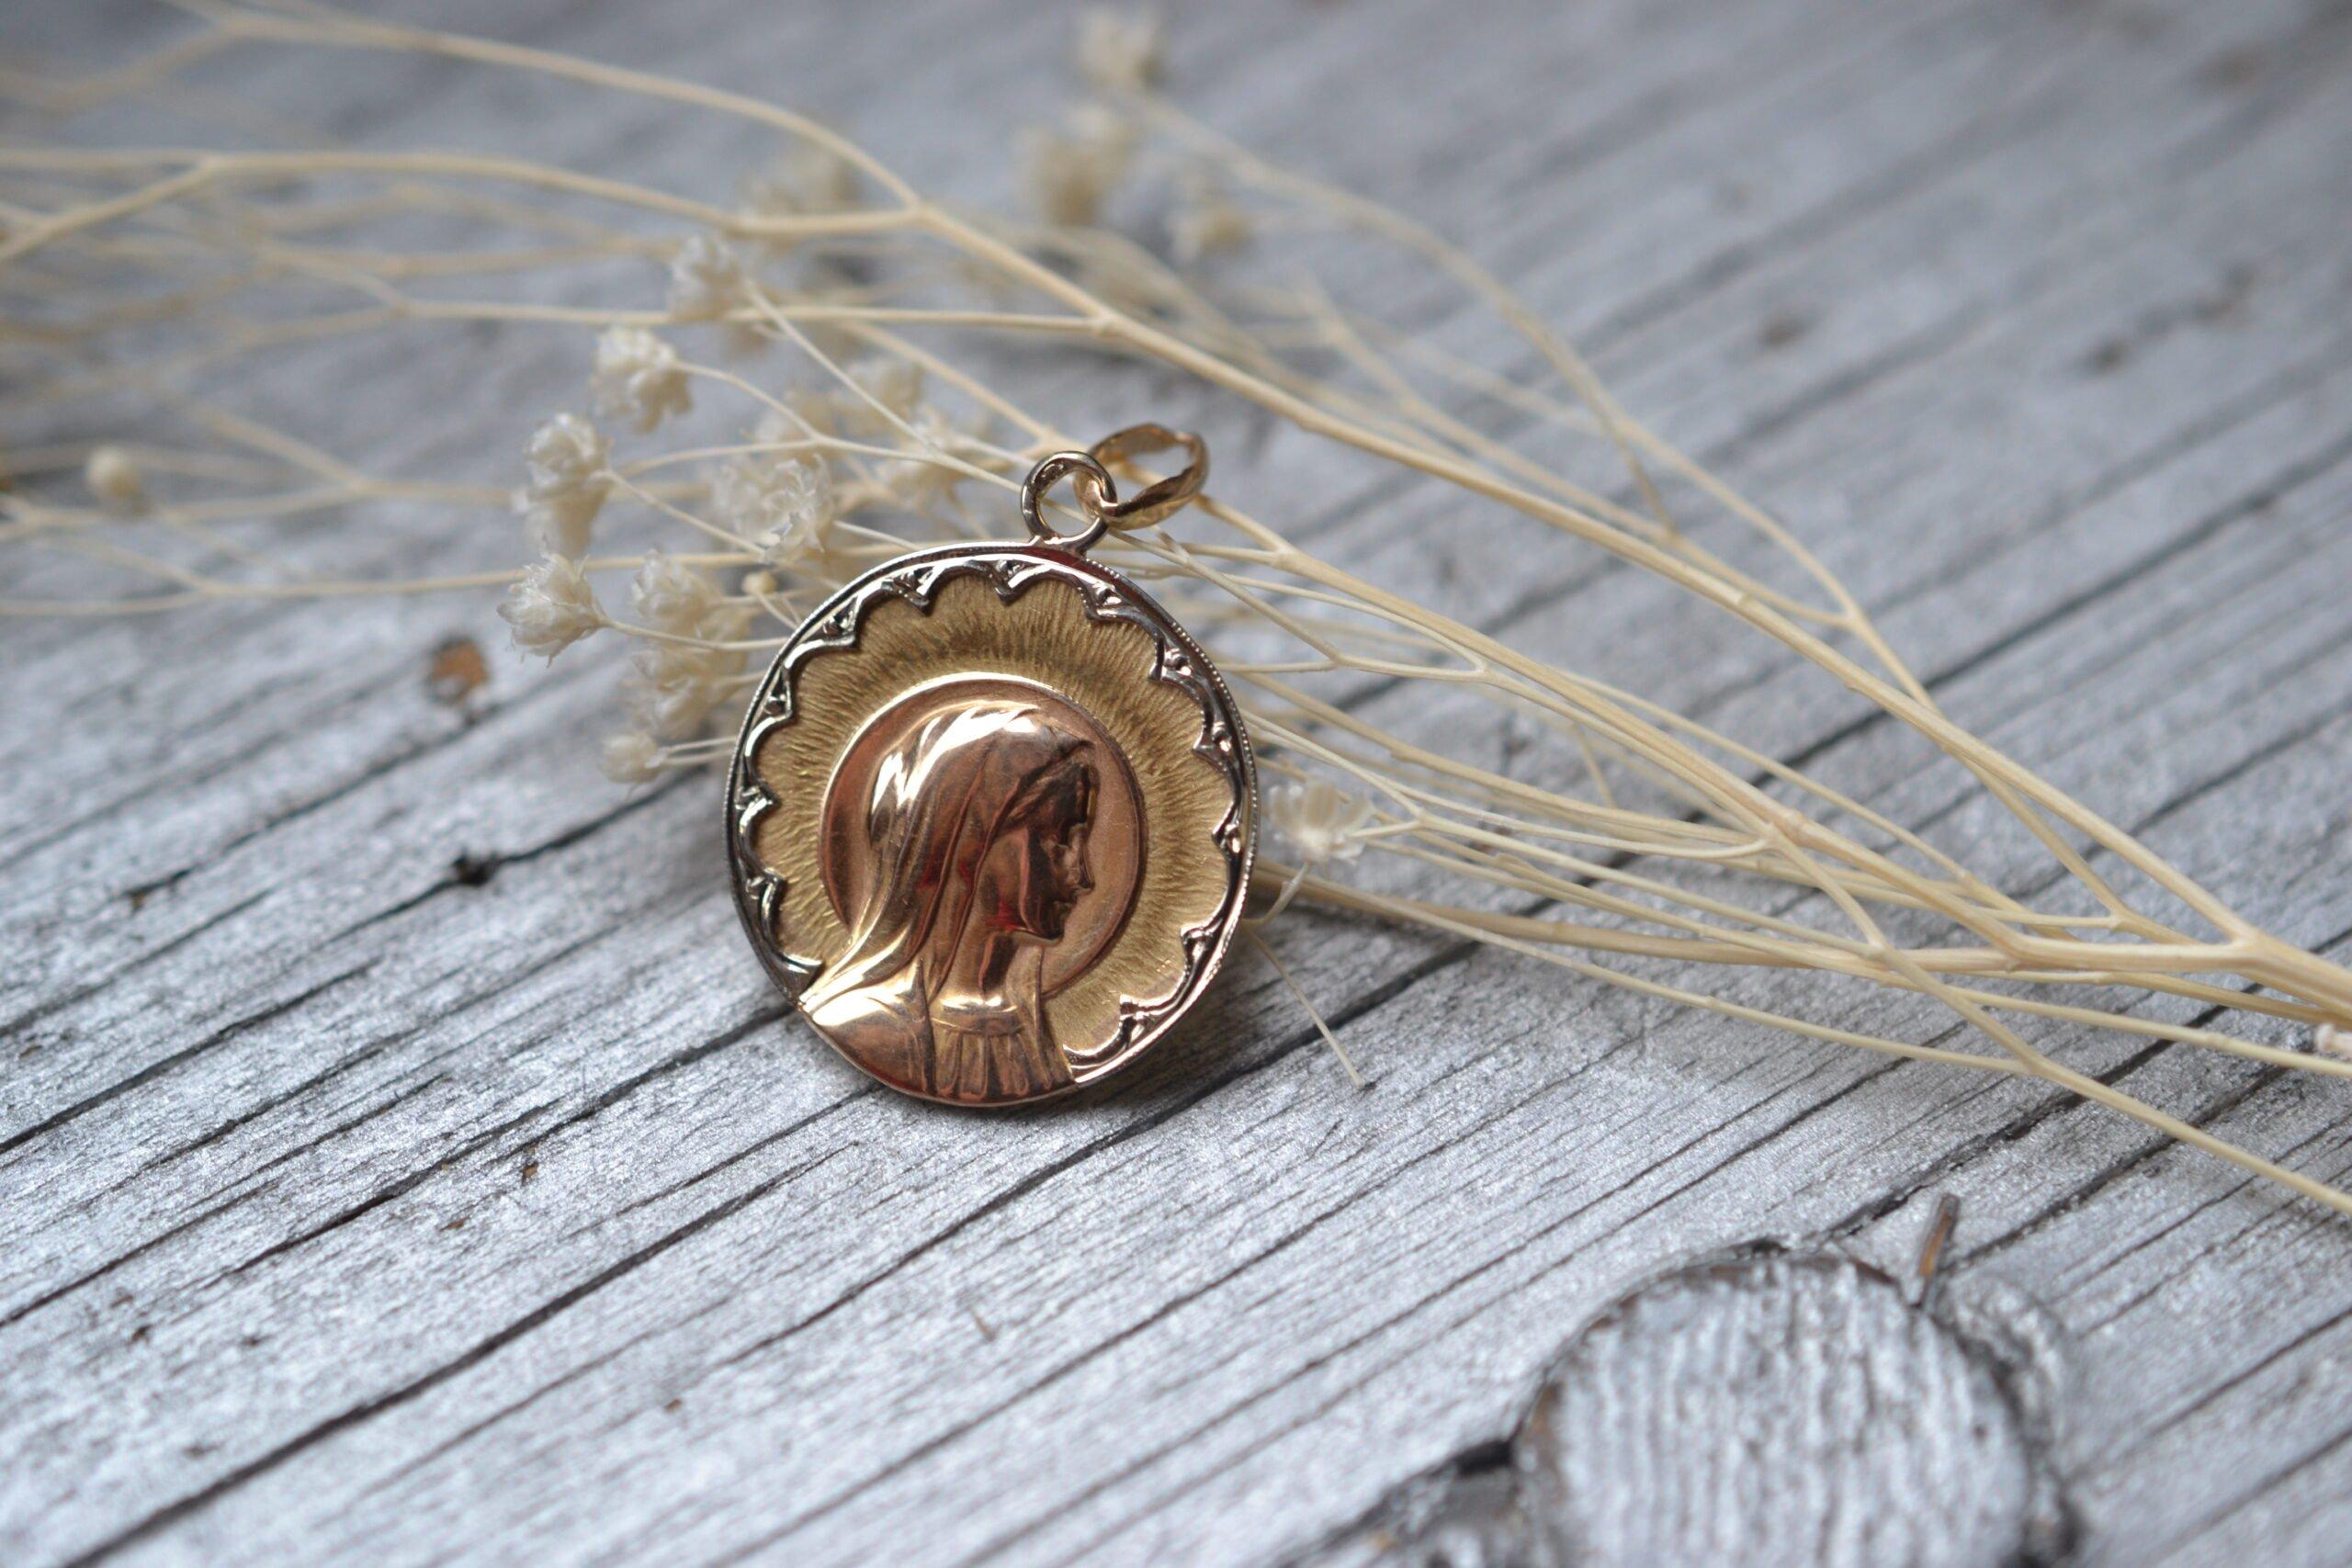 Médaille Religieuse Ancienne 3 Ors 18 Carats - Baptème - Bijou Vintage De Seconde Main - Pièce Unique - Un Bijou Noircarat.fr